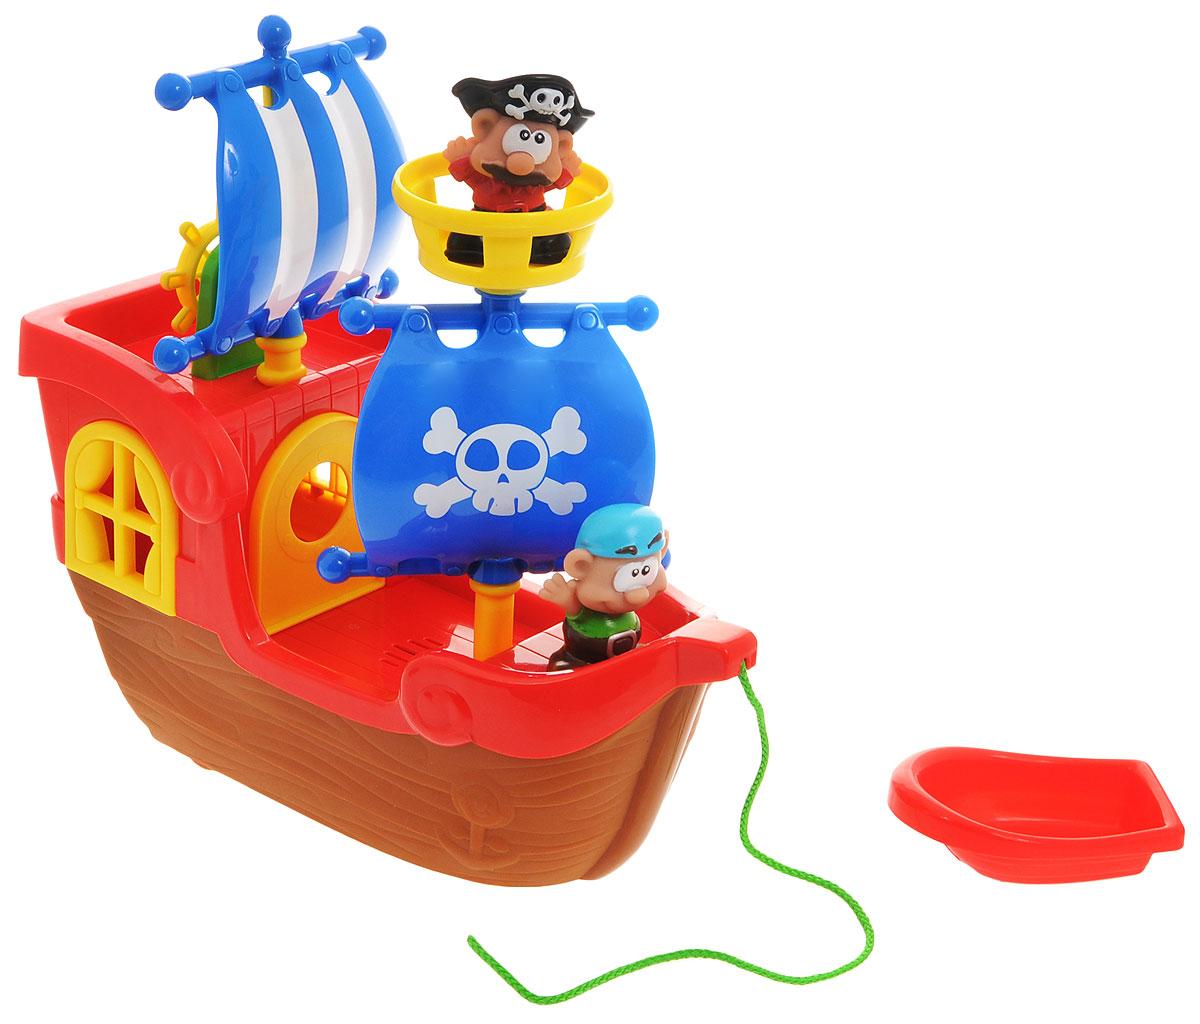 Keenway Игровой набор Приключения пиратов паровозик веселый keenway с паззлами